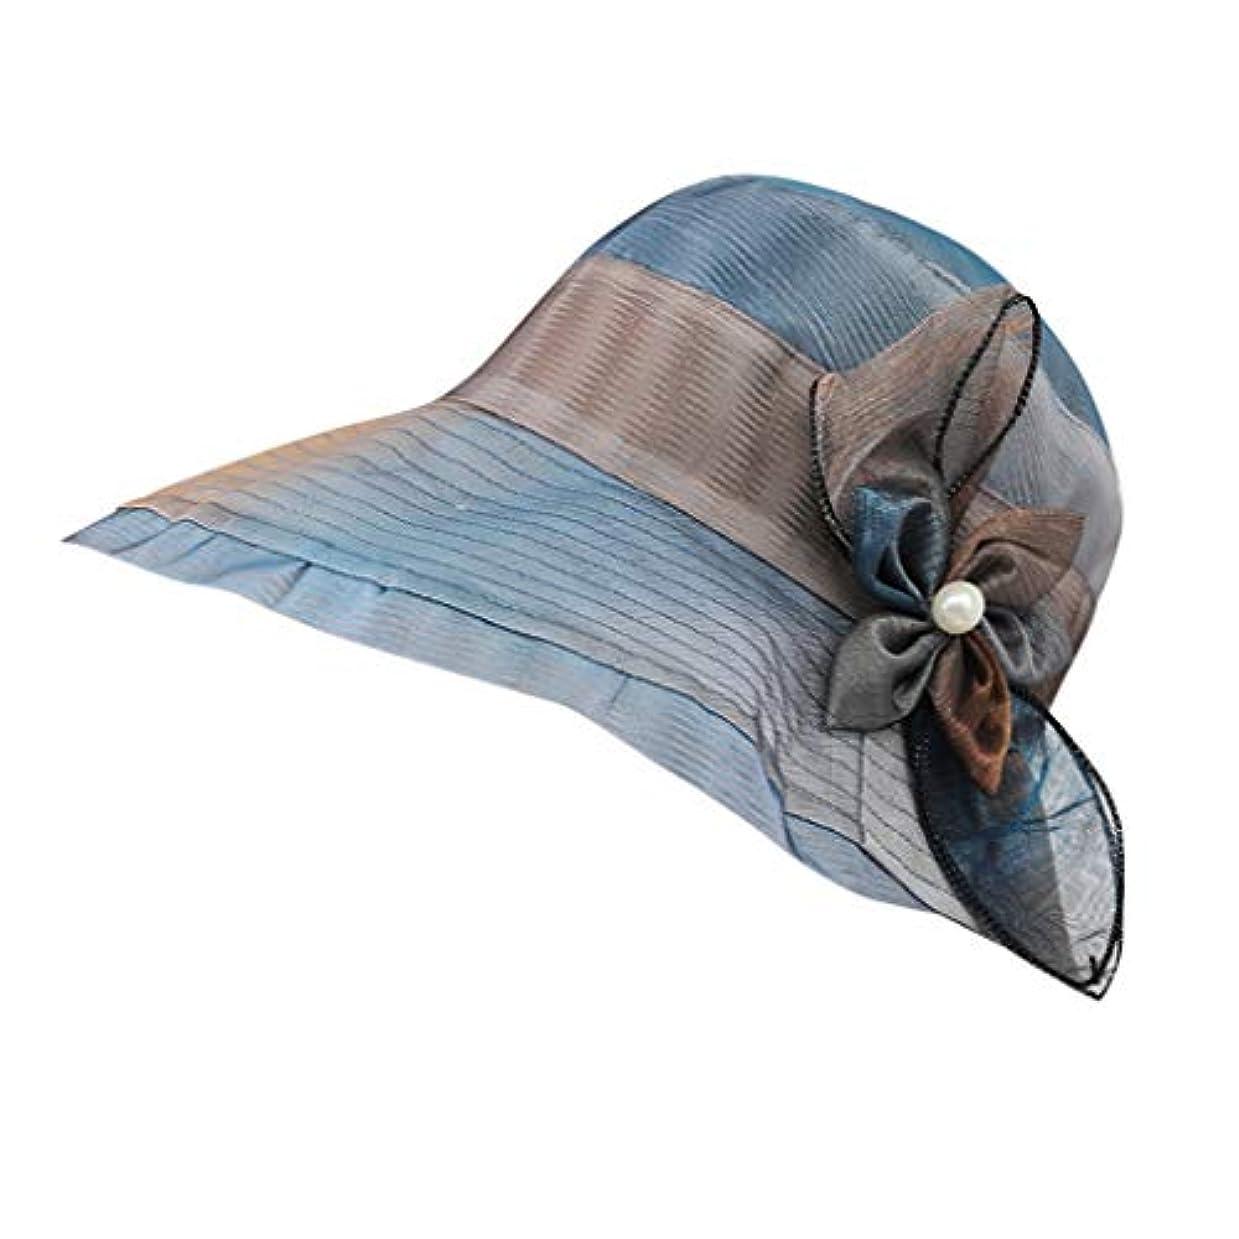 ハット レディース UVカット 帽子 レディース 日よけ 帽子 レディース つば広 無地 洗える 紫外線対策 ハット カジュアル 旅行用 日よけ 夏季 女優帽 小顔効果抜群 可愛い 夏季 海 旅行 ROSE ROMAN